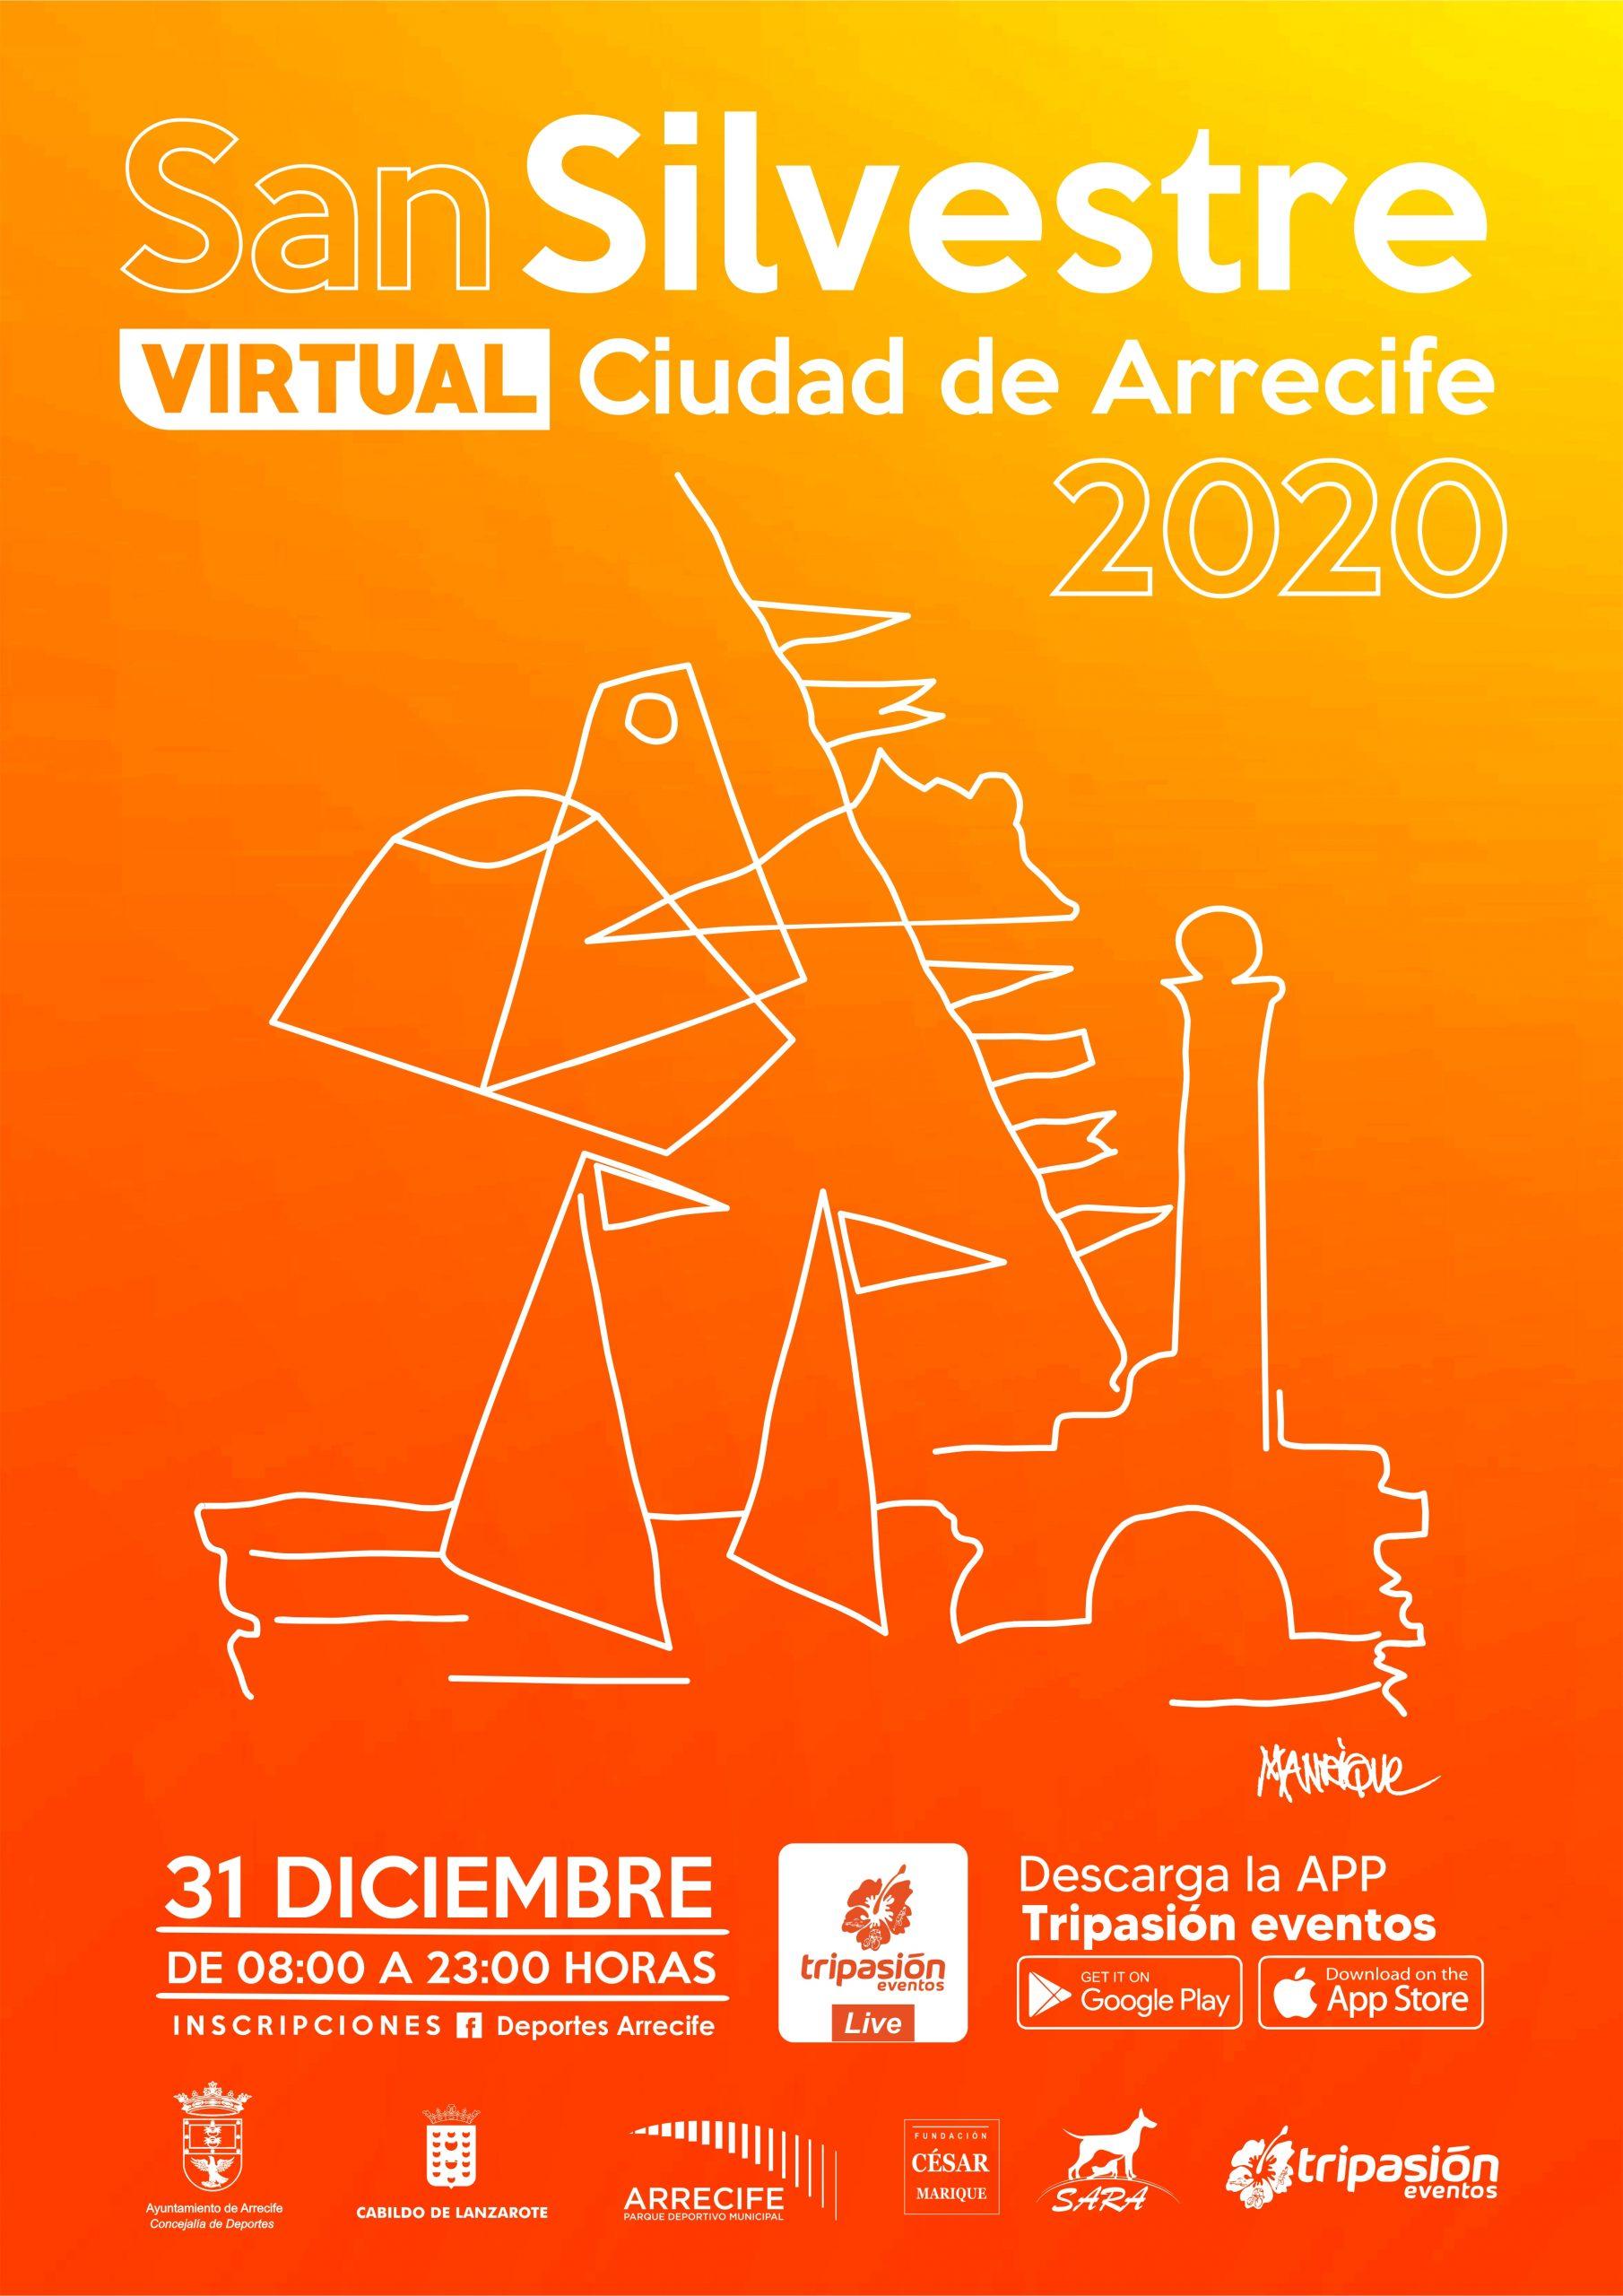 El 31 de diciembre se celebra la San Silvestre Virtual Ciudad de Arrecife 2020